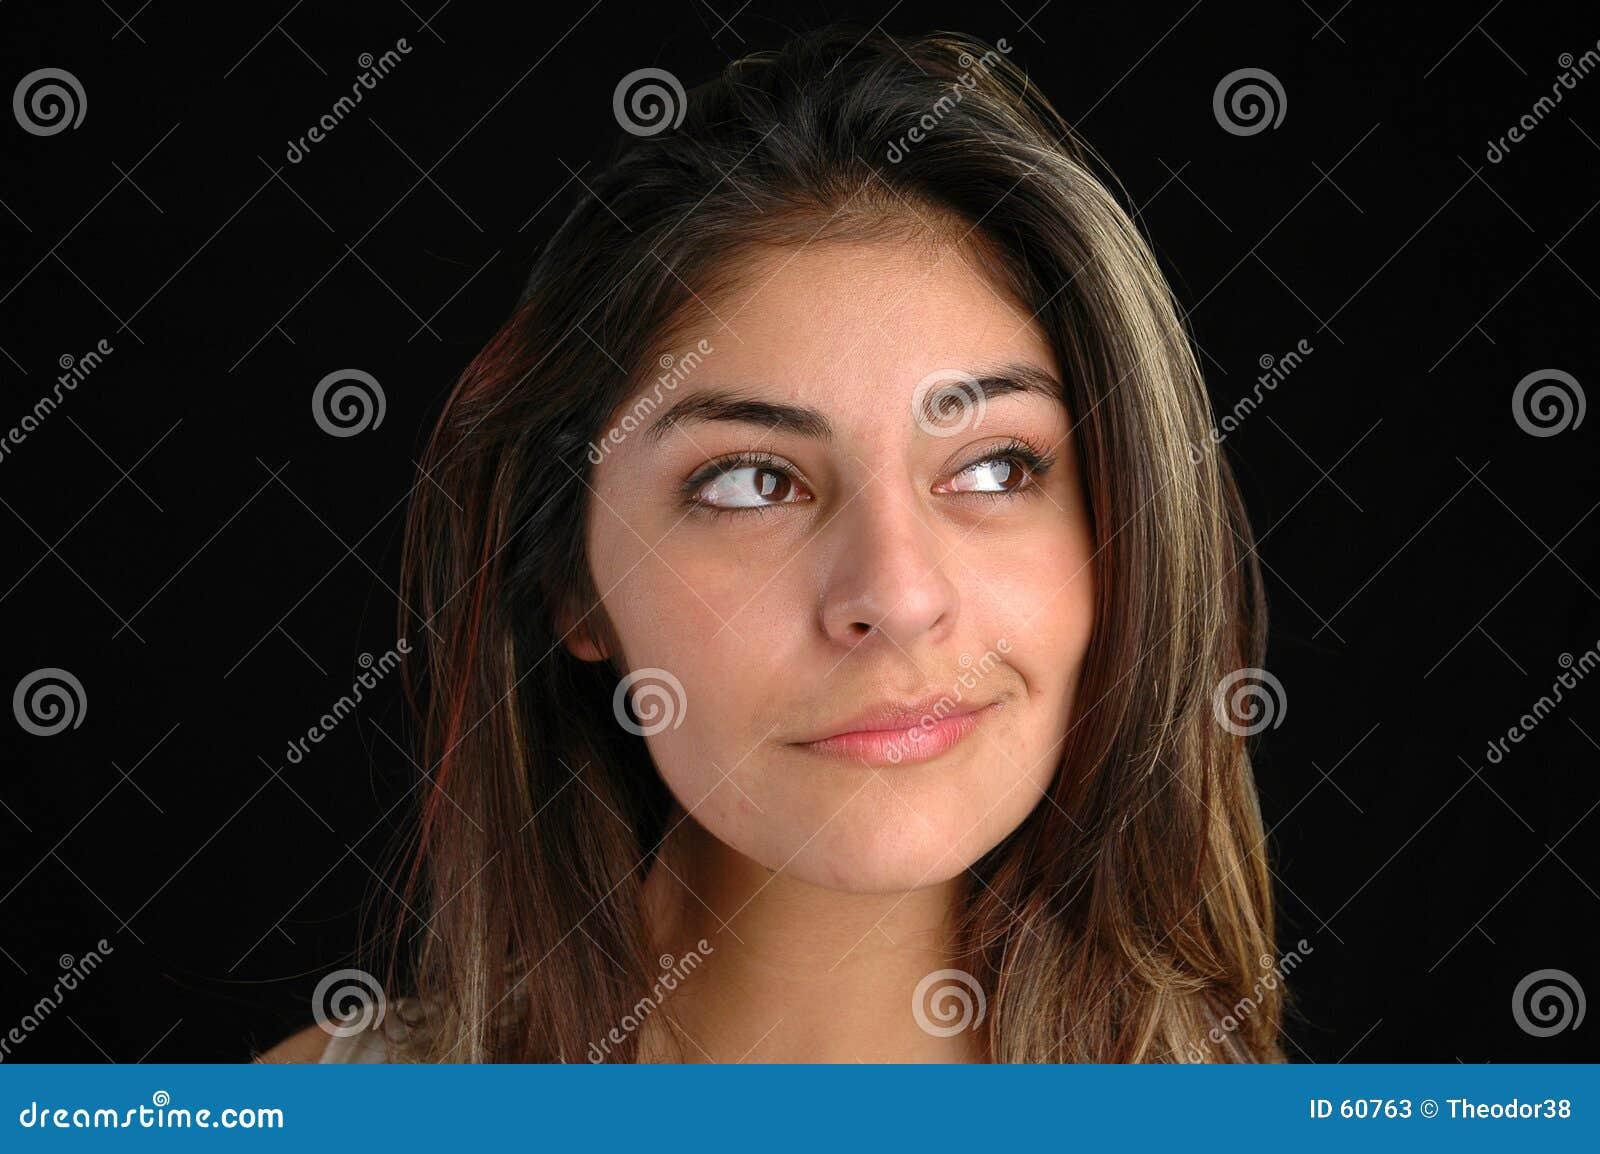 Fêmea portrait-1